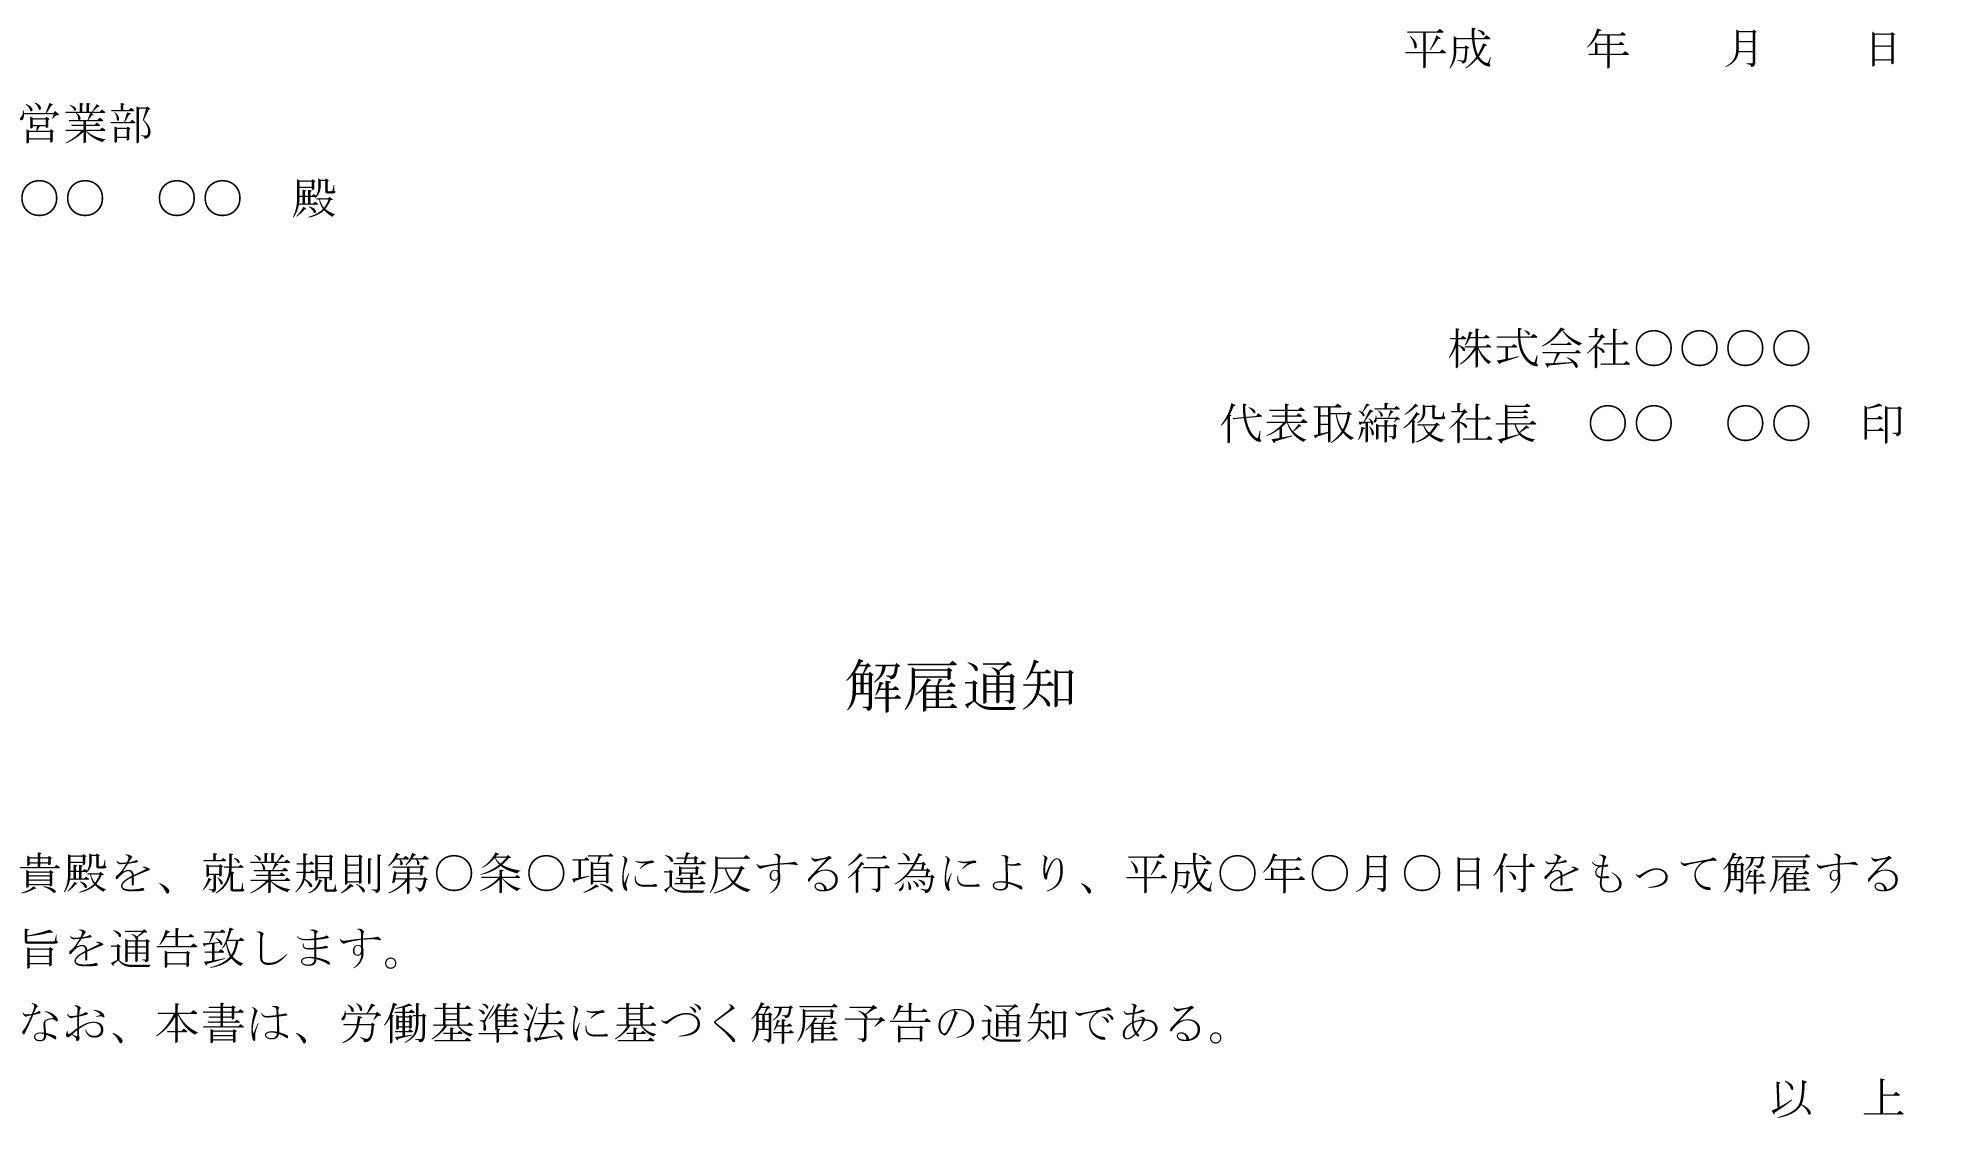 解雇通知のテンプレート書式2